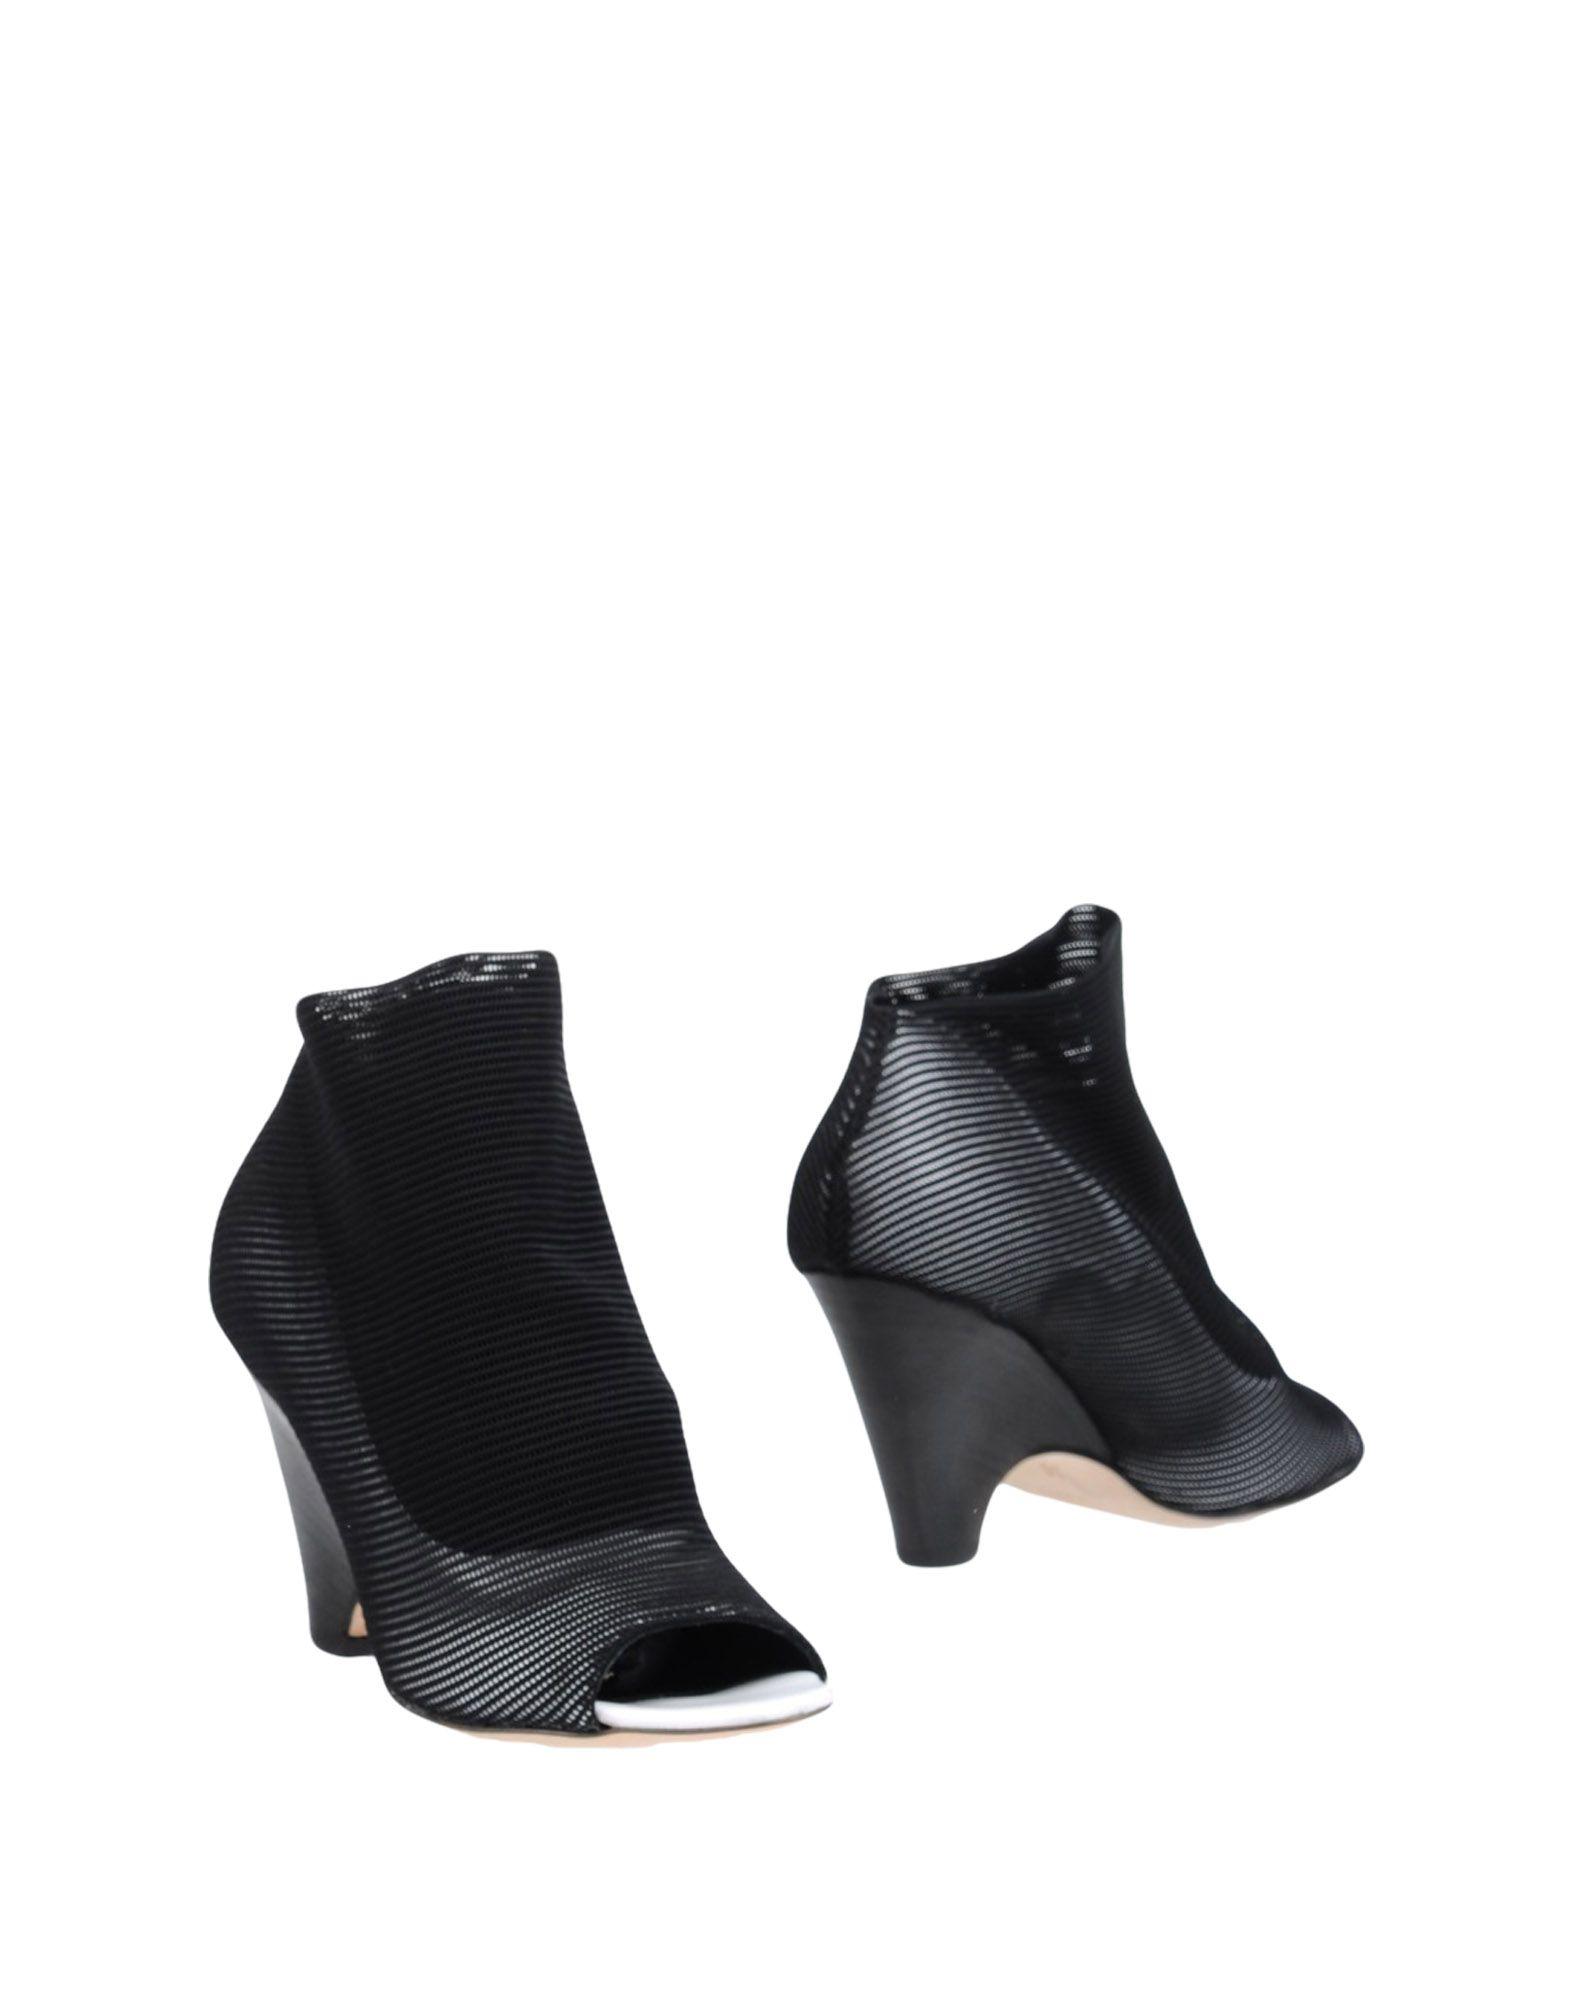 JFK Полусапоги и высокие ботинки плейбой бренд осенью открытый скалолазания и пешие прогулки досуга для дыхания и водонепроницаемым мужские ботинки